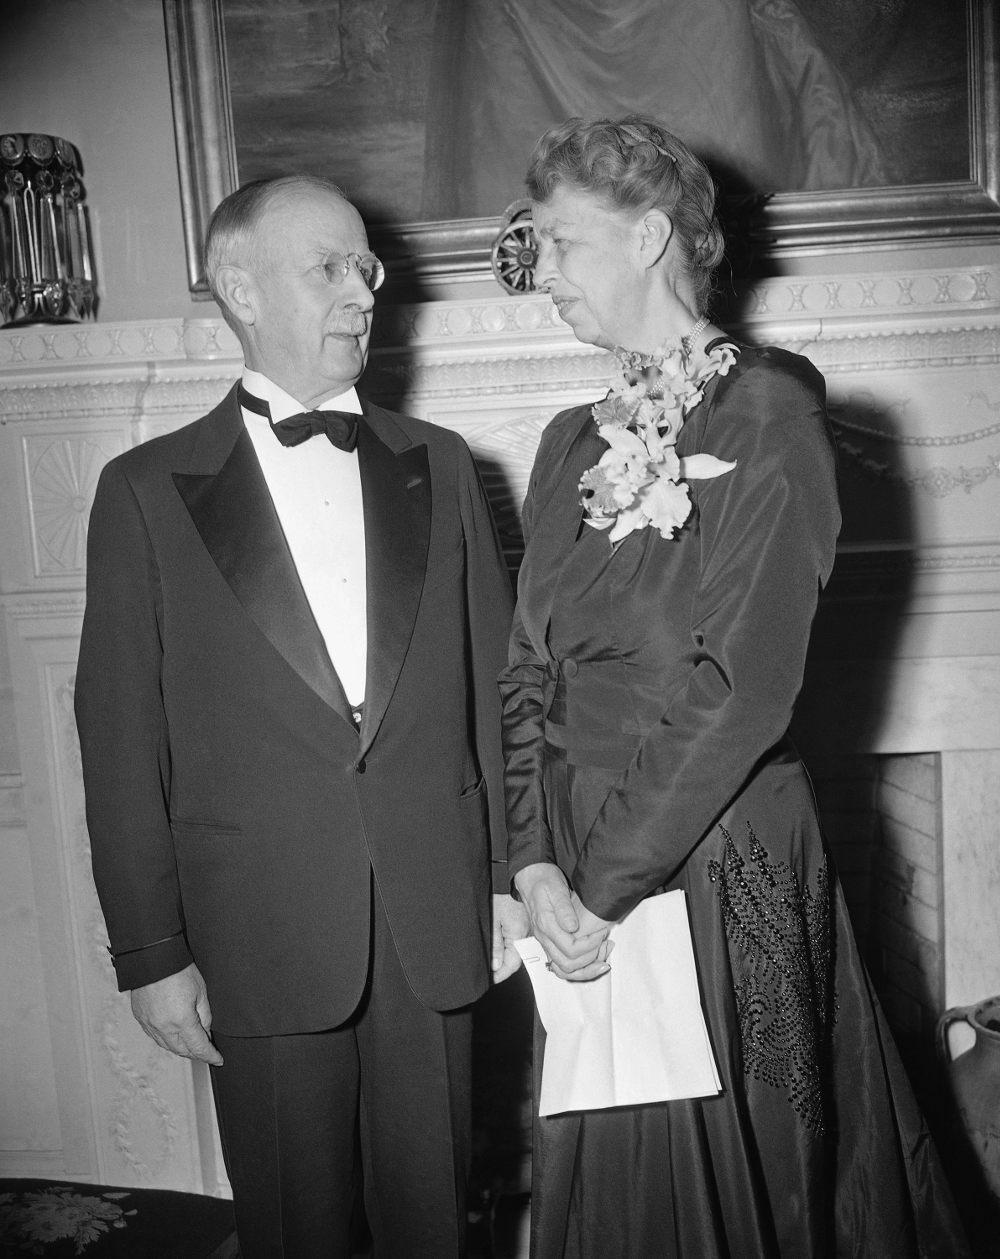 Η Ελέανορ Ρούσβελτ και ο πρόεδρος των ΗΠΑ, Φράνκλιν στον Λευκό Οίκο